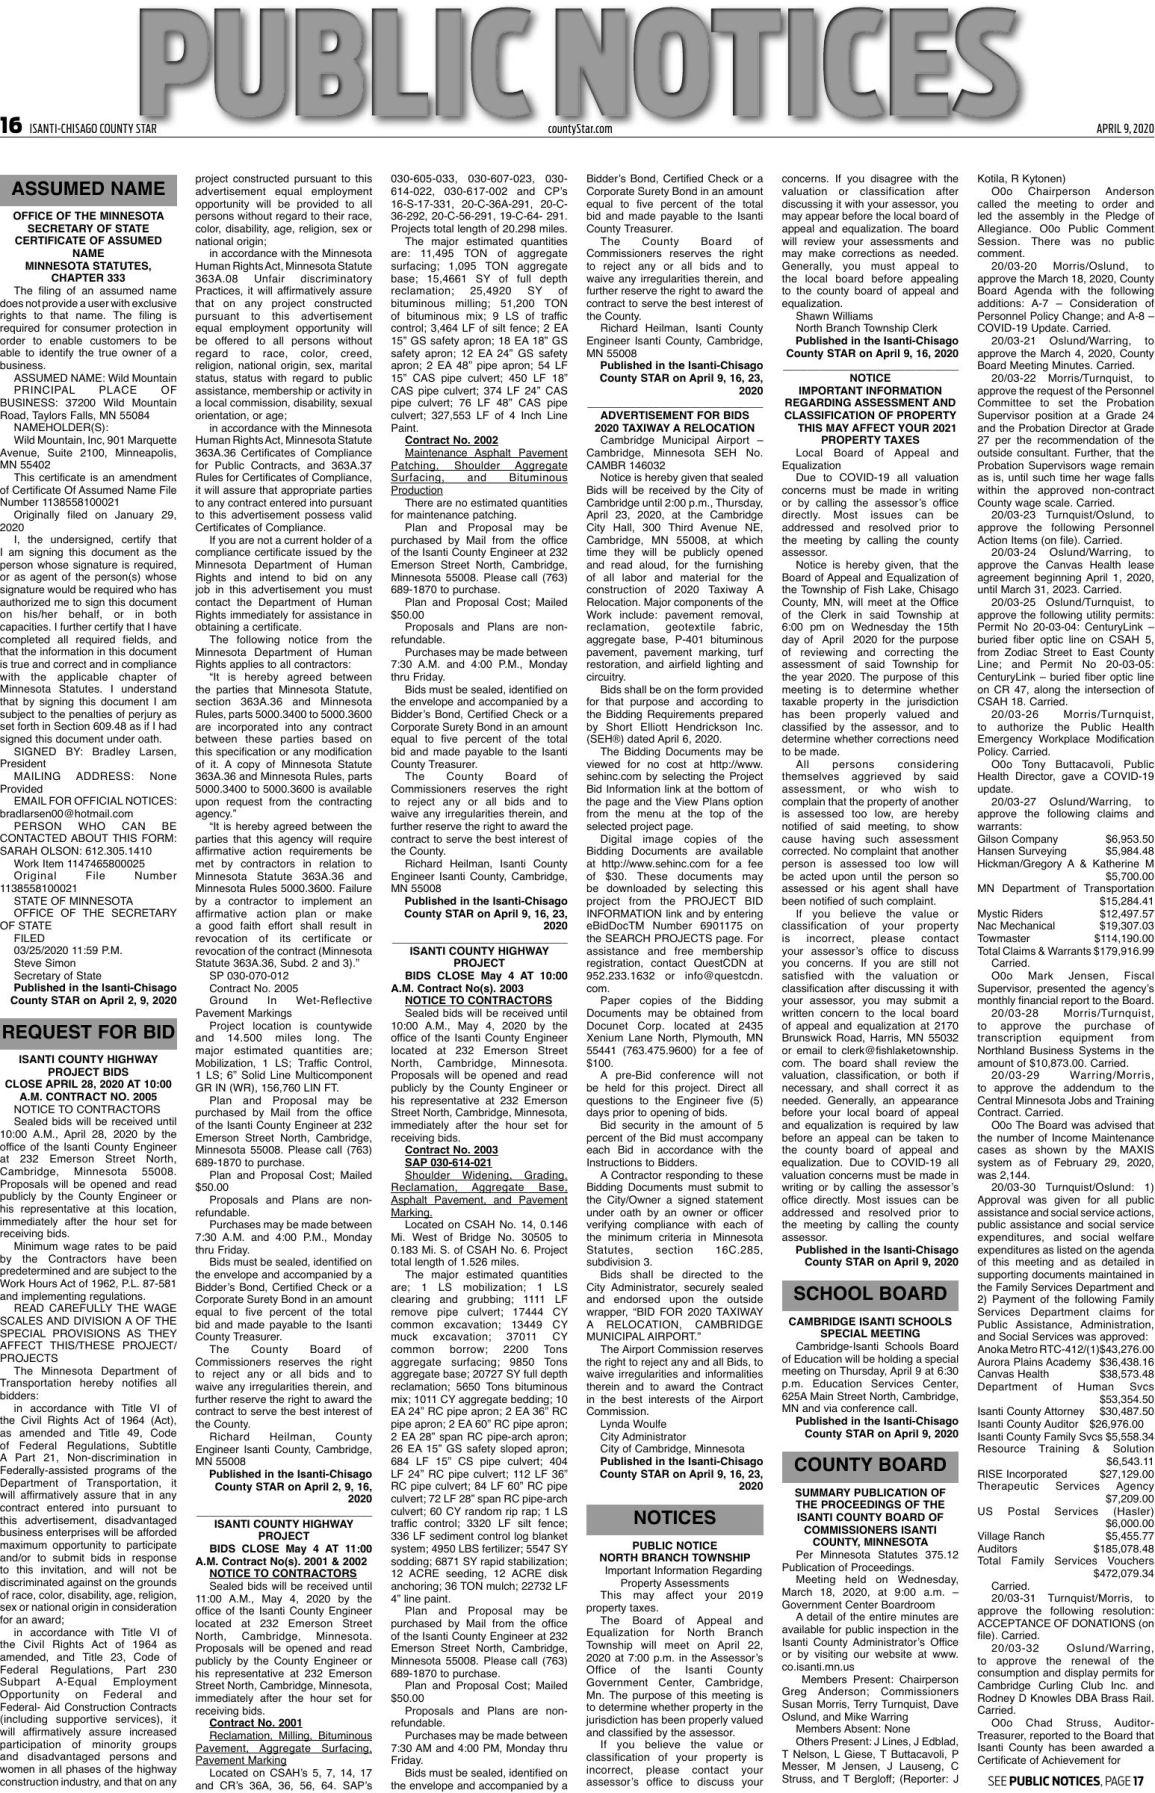 Public Notices - April 9, 2020